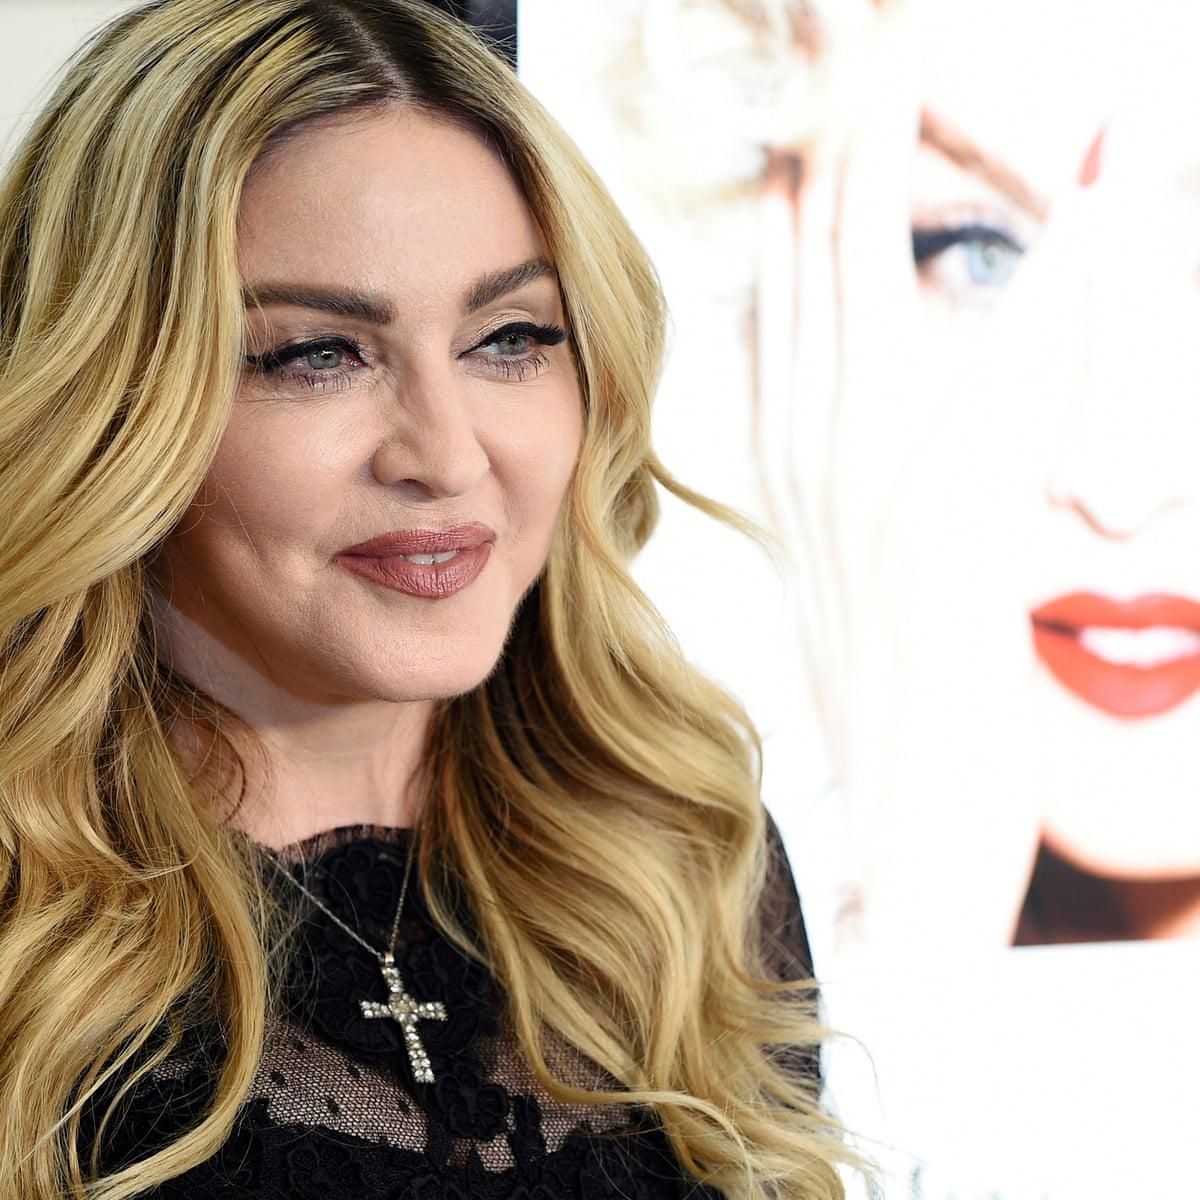 Albano Carrisi Incontro Madonna Esibizione